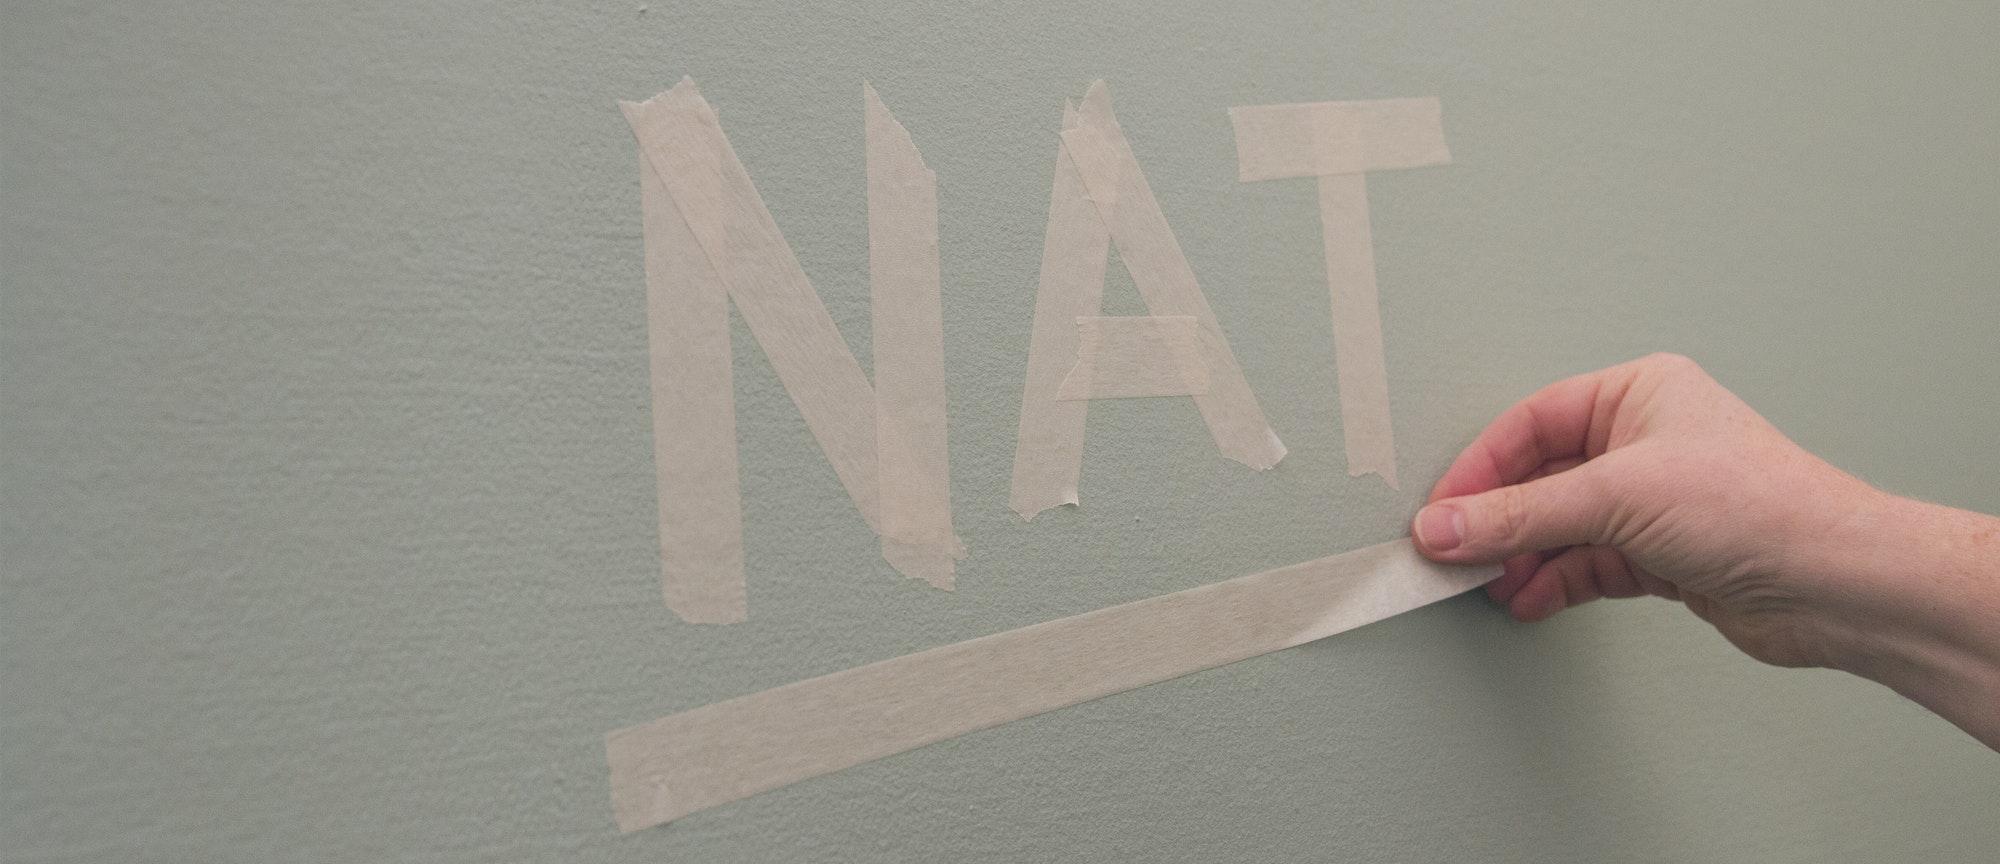 Een geschilderde wand met het woord 'nat' gemaakt van afplak-tape